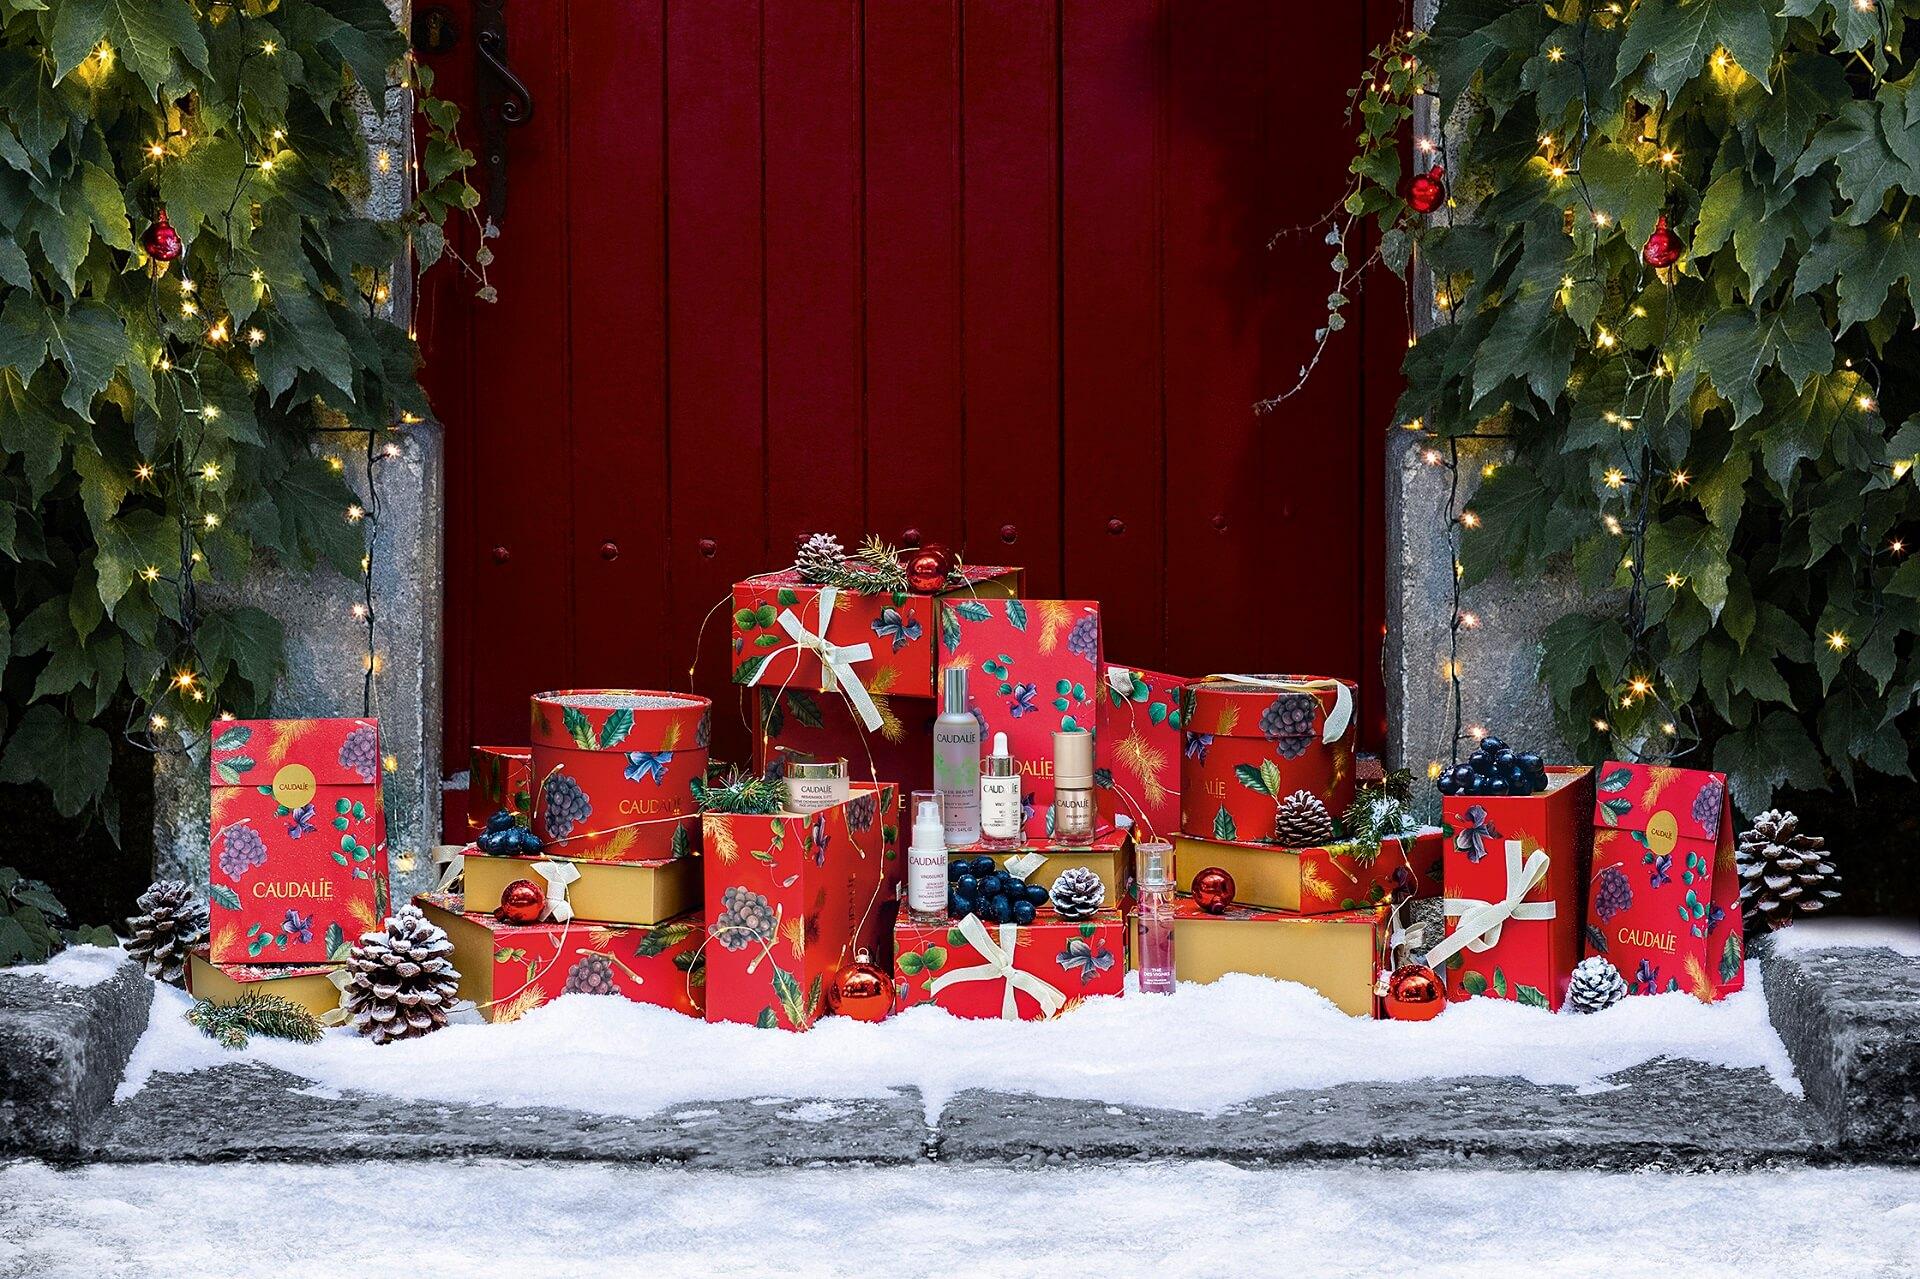 Осознанное Рождество: Тематическая коллекция праздничного настроения от брендаCaudalie-Фото 1